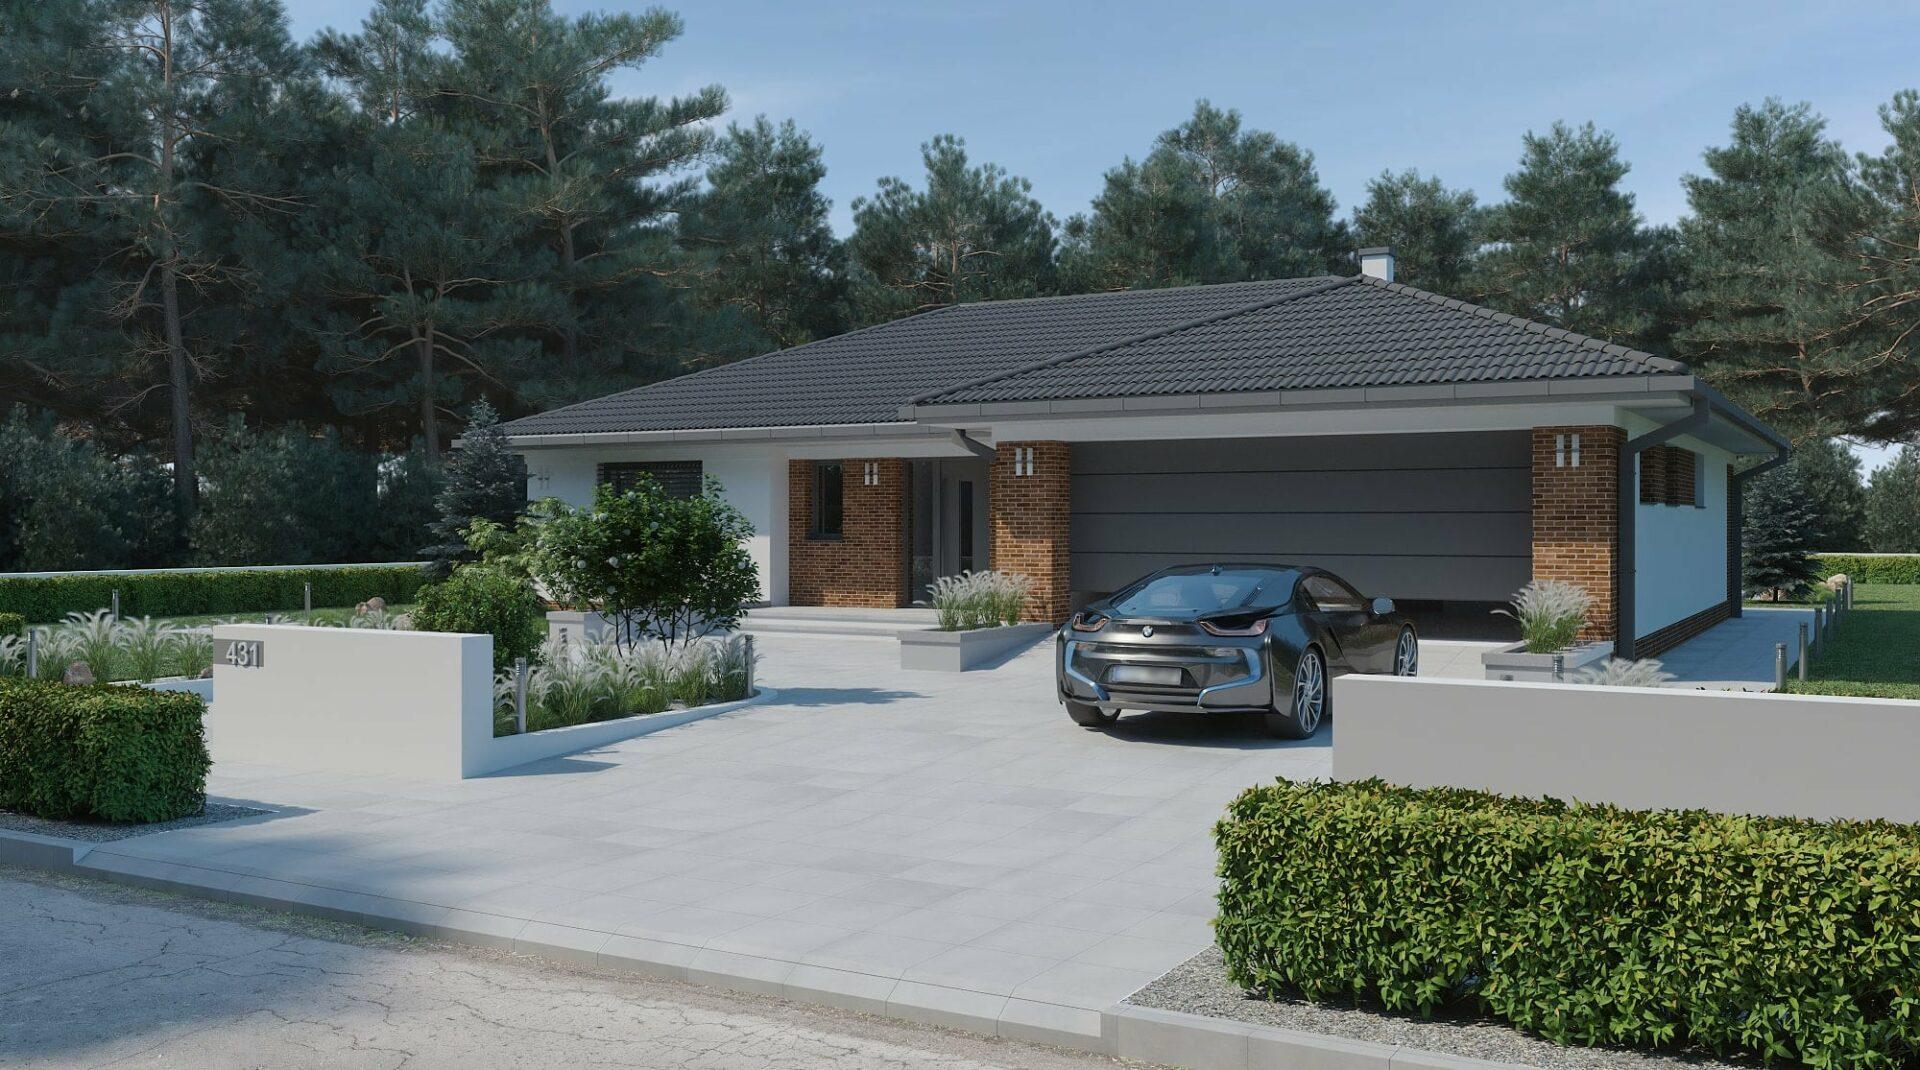 projekt rodinného domu style 231